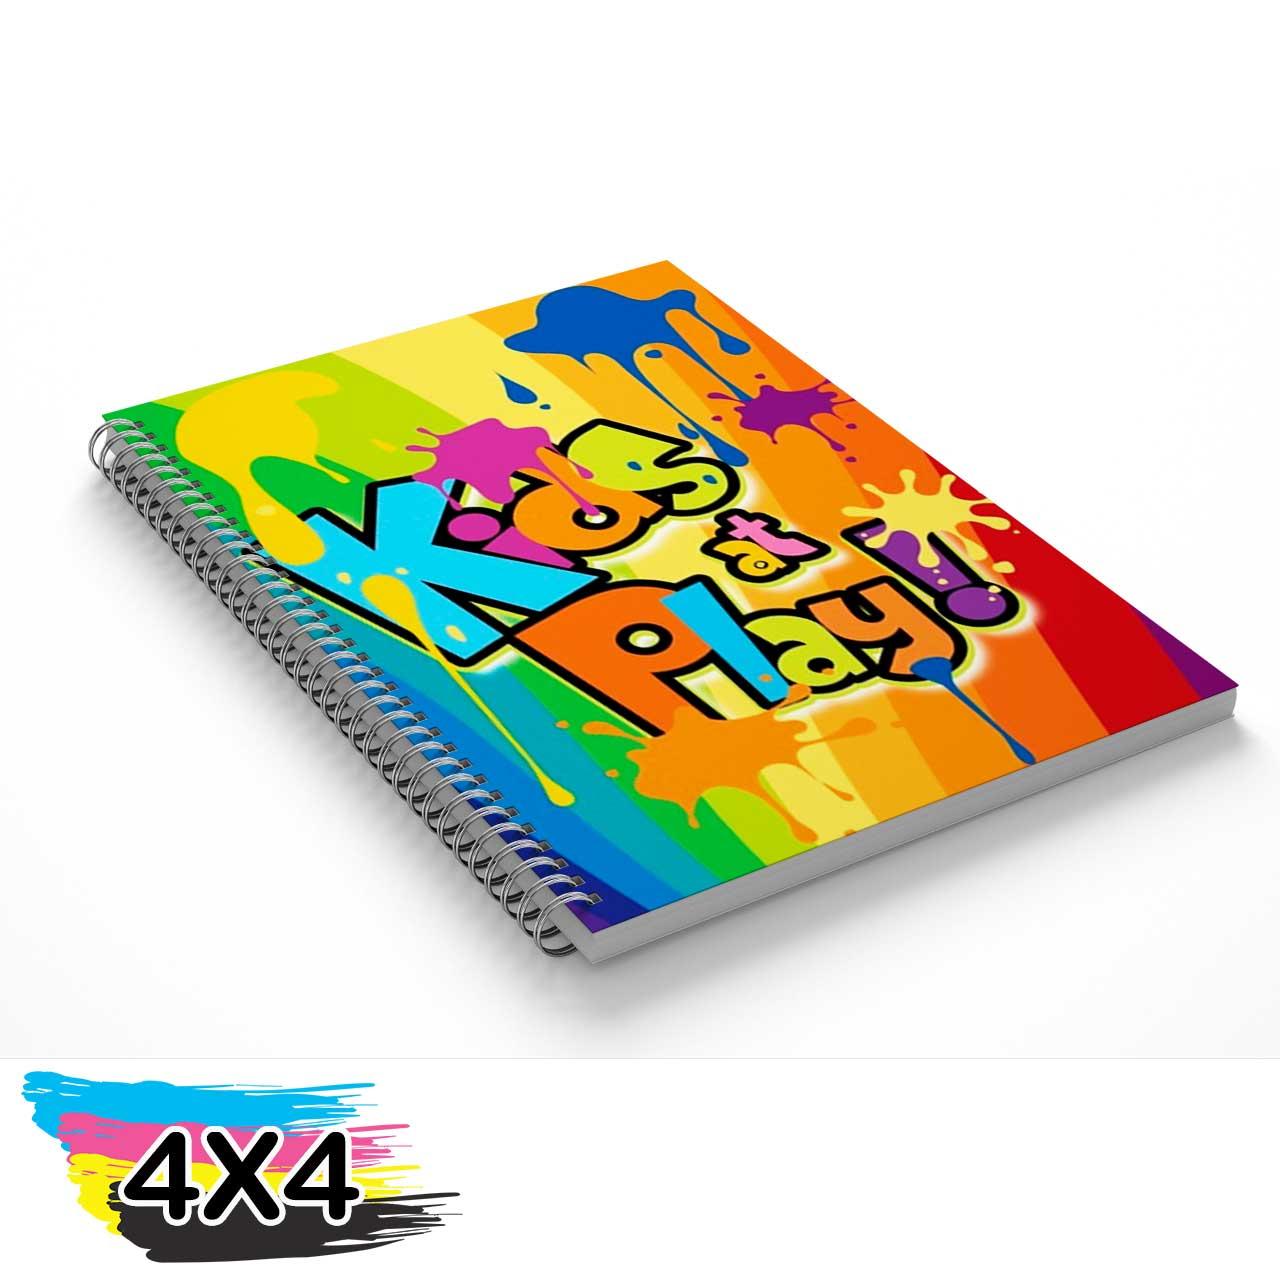 Cadernos-05